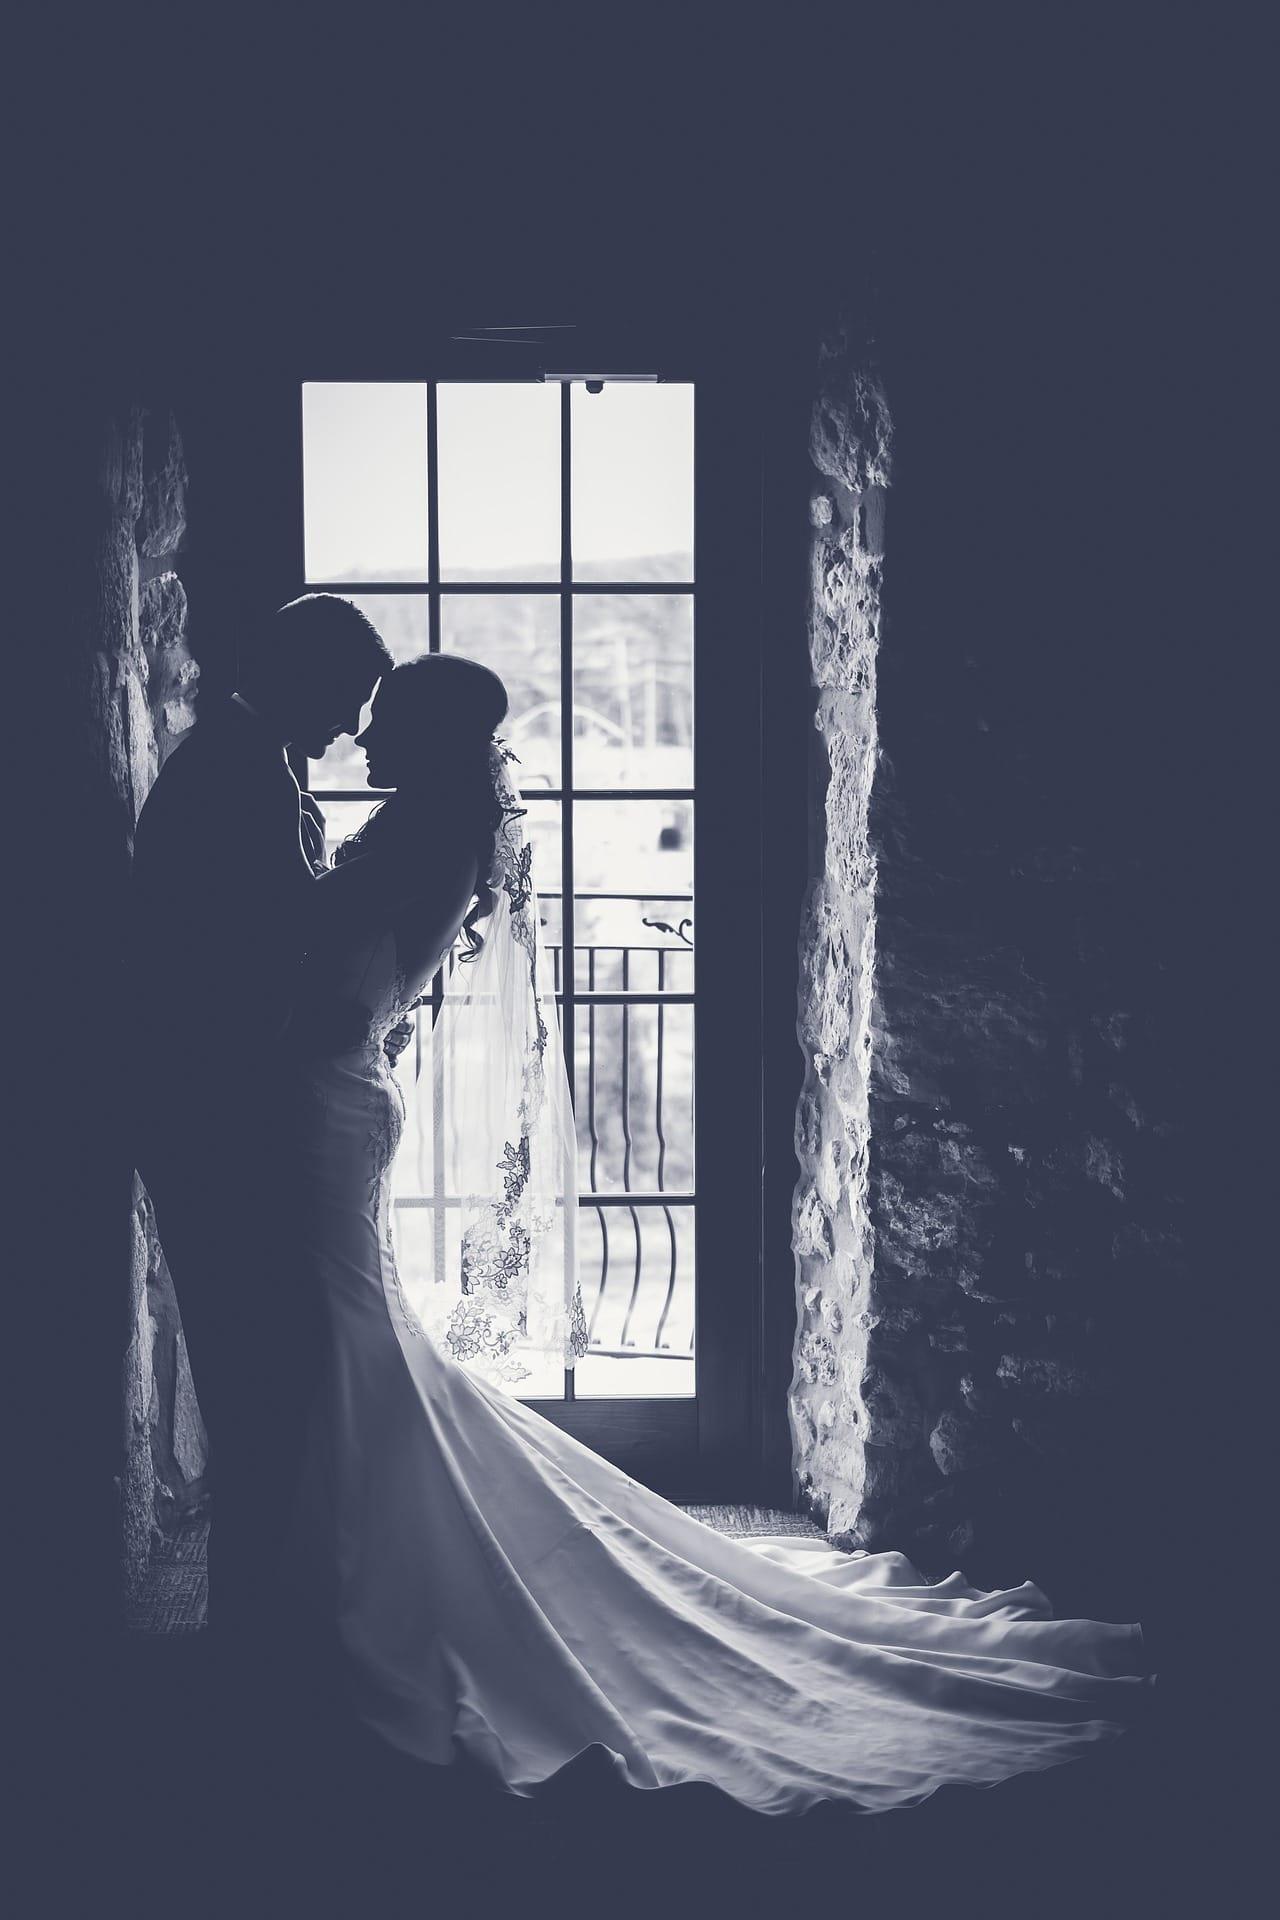 Agence andromède, Wedding planner, Event Planner, mariage, évènements, bretagne, morbihan, 56, Vannes, Lorient, Quimper, Pontivy